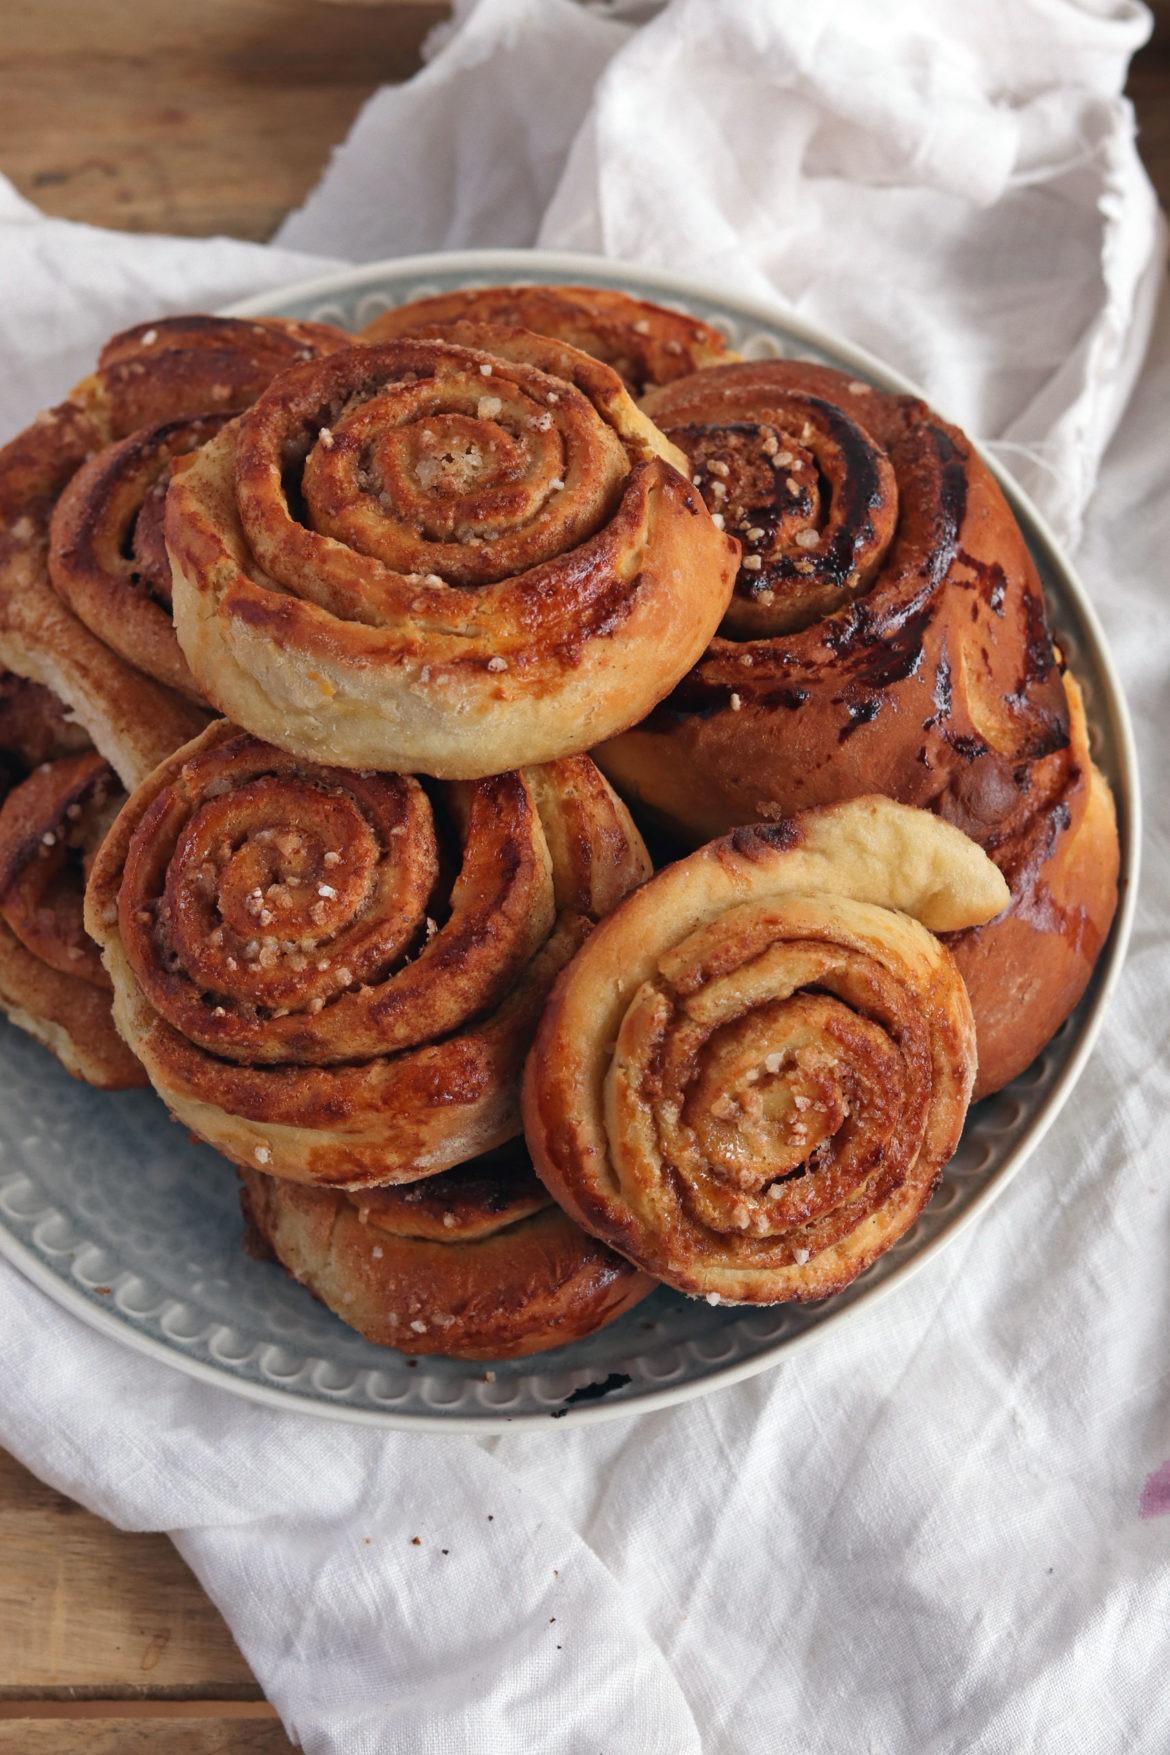 Zimtschnecken backen: Ein leckeres Rezept für Zimtschnecken. Schwedische Zimtschnecken für deinen Hyggemoment